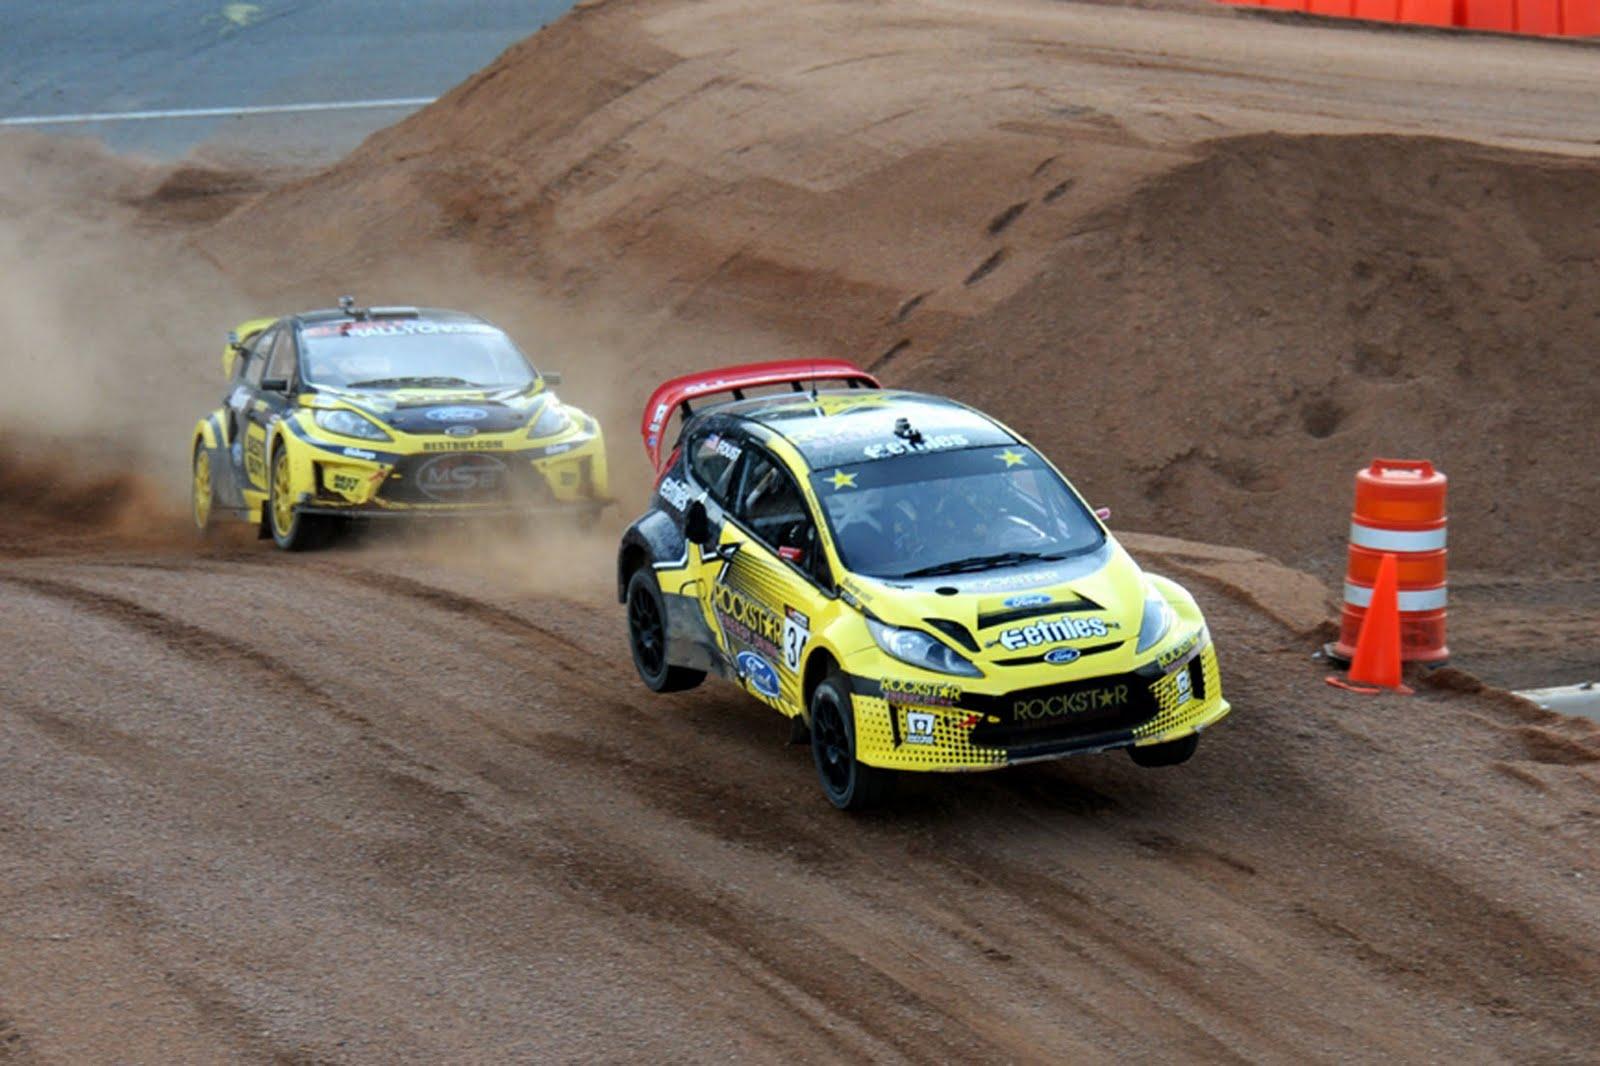 057833b1e3a1ff CarPoint News - Informação de qualidade, em alta velocidade.: Junho 2011